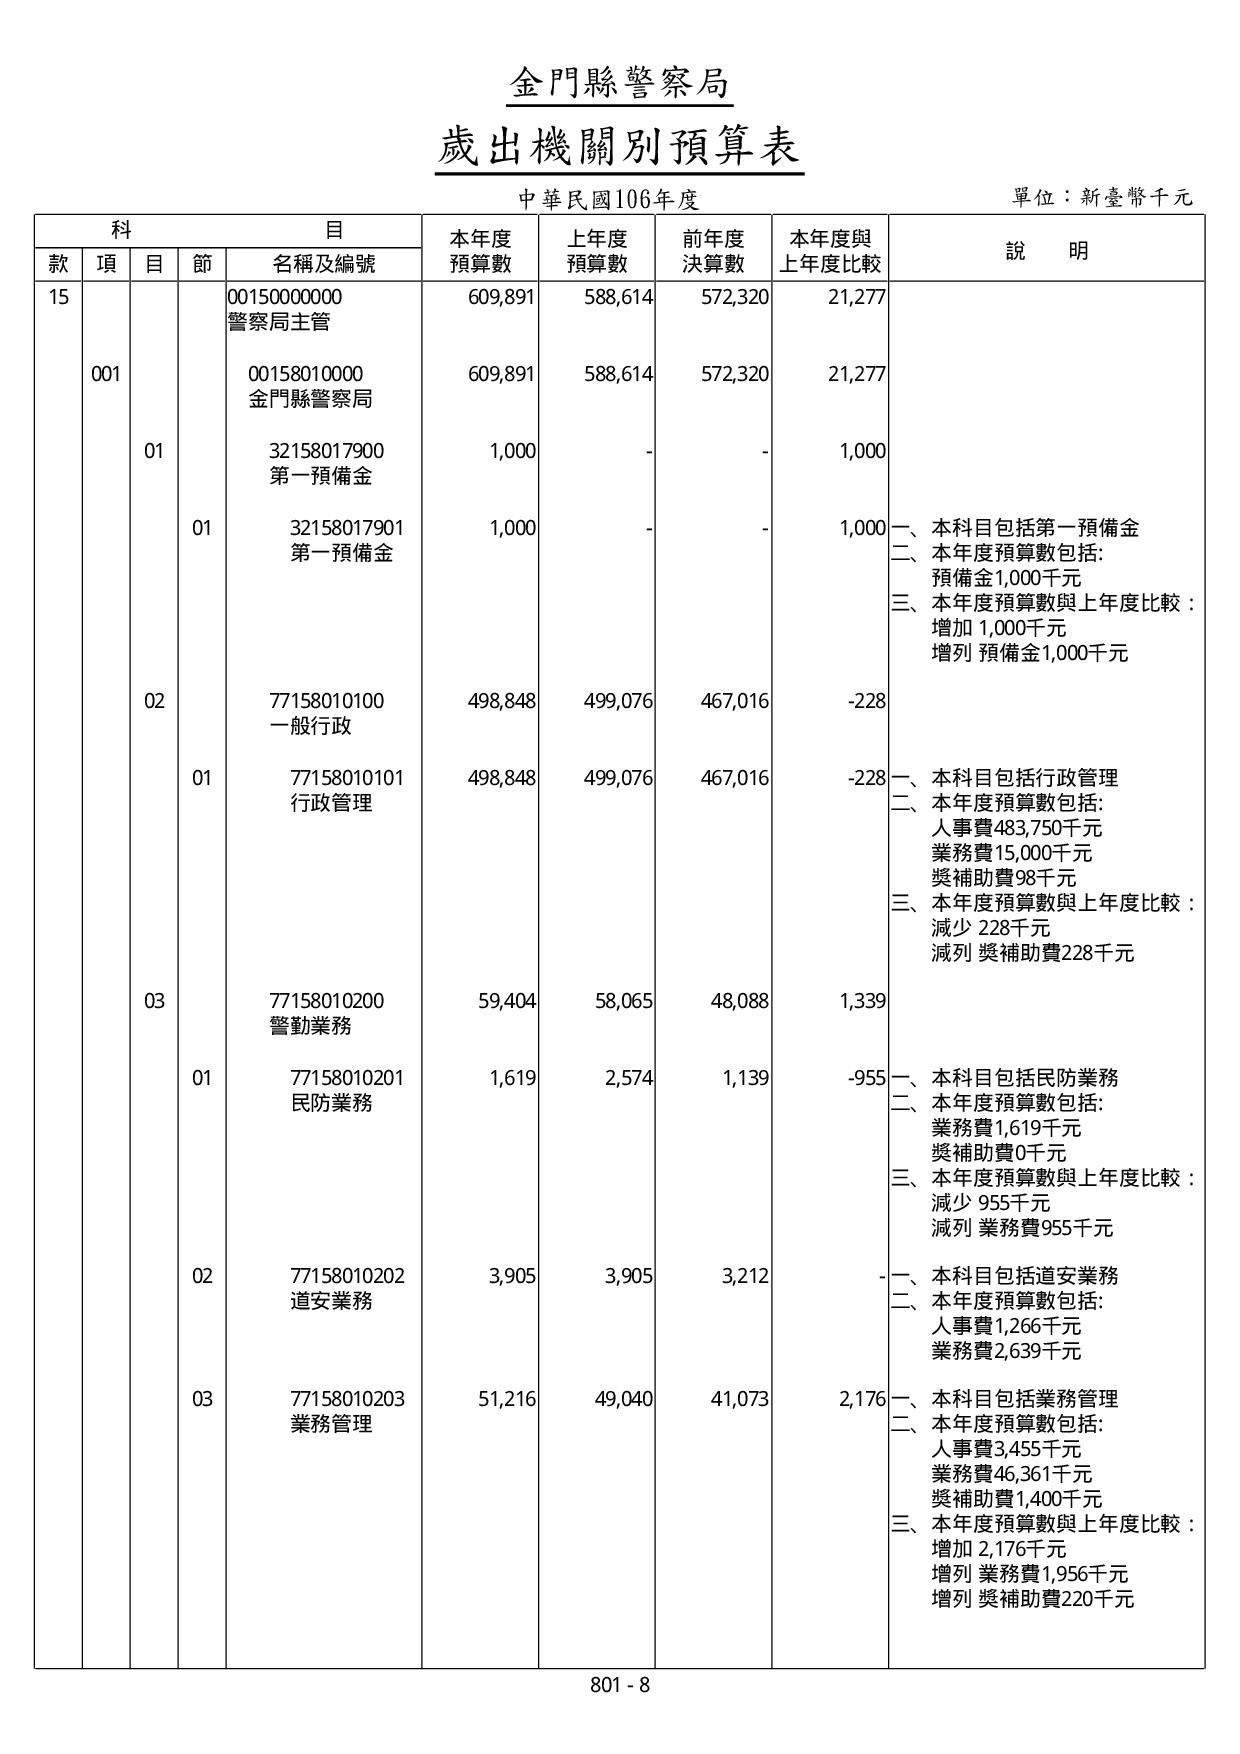 106年度歲出機關別預算表